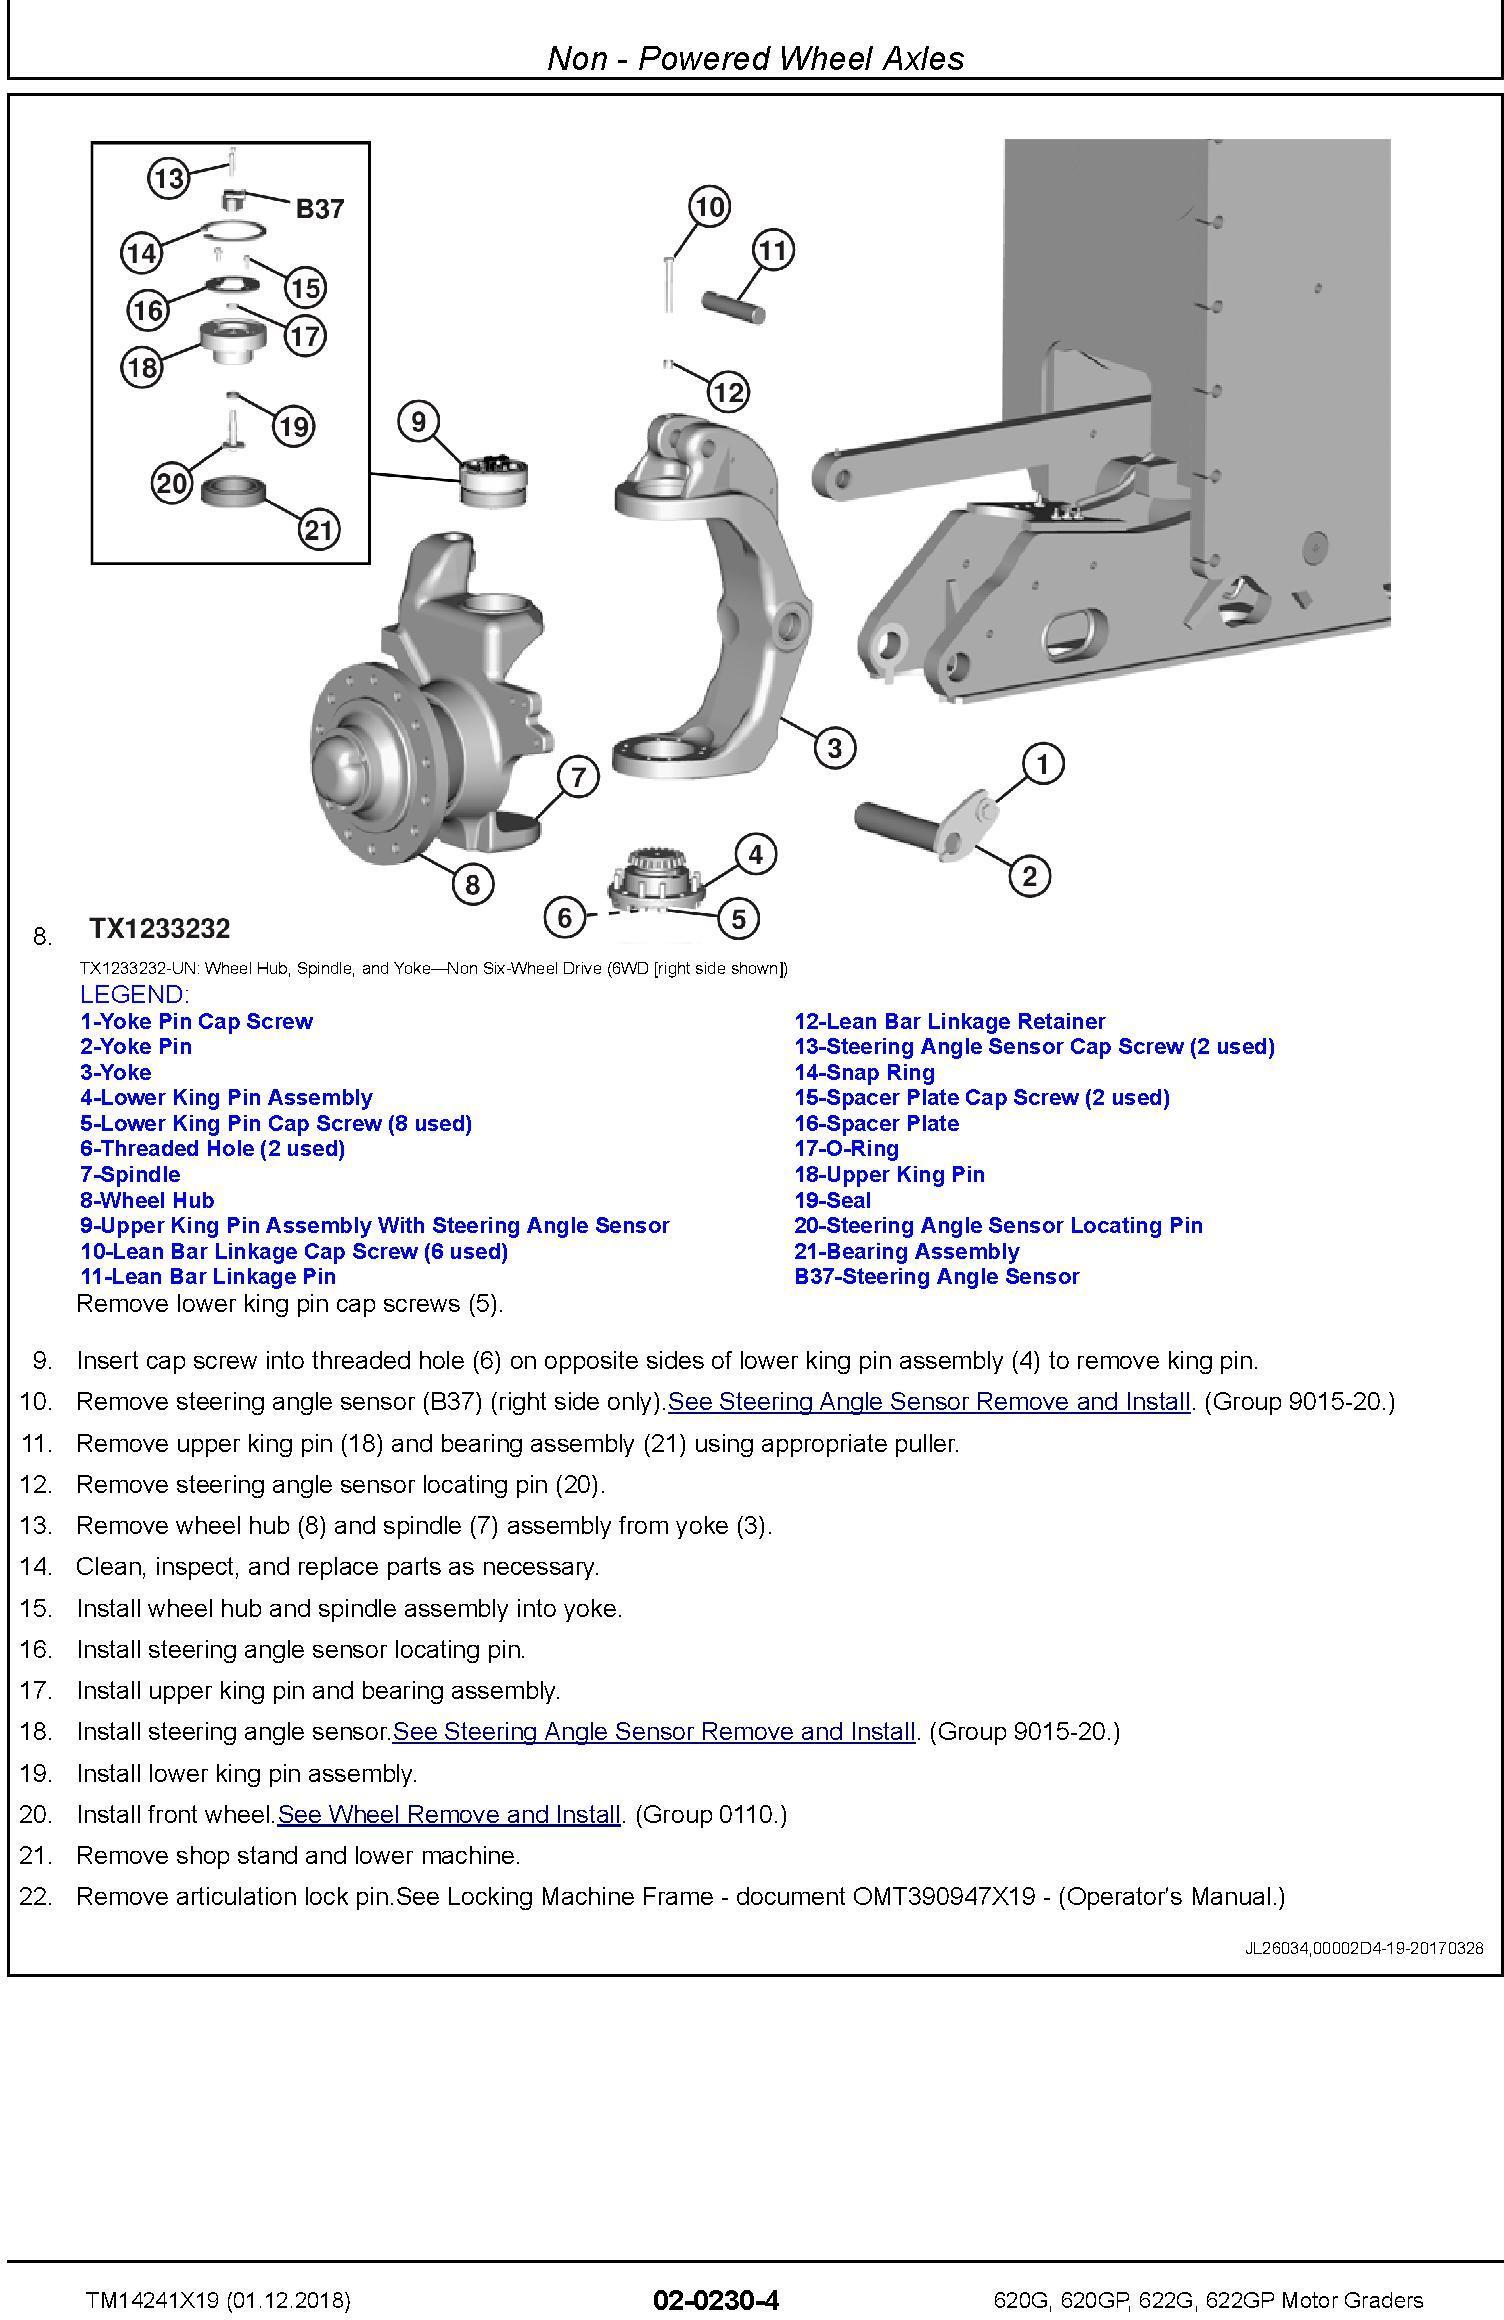 John Deere 620G, 620GP, 622G, 622GP (SN.F680878-,L700954-) Motor Graders Repair Manual (TM14241X19) - 1